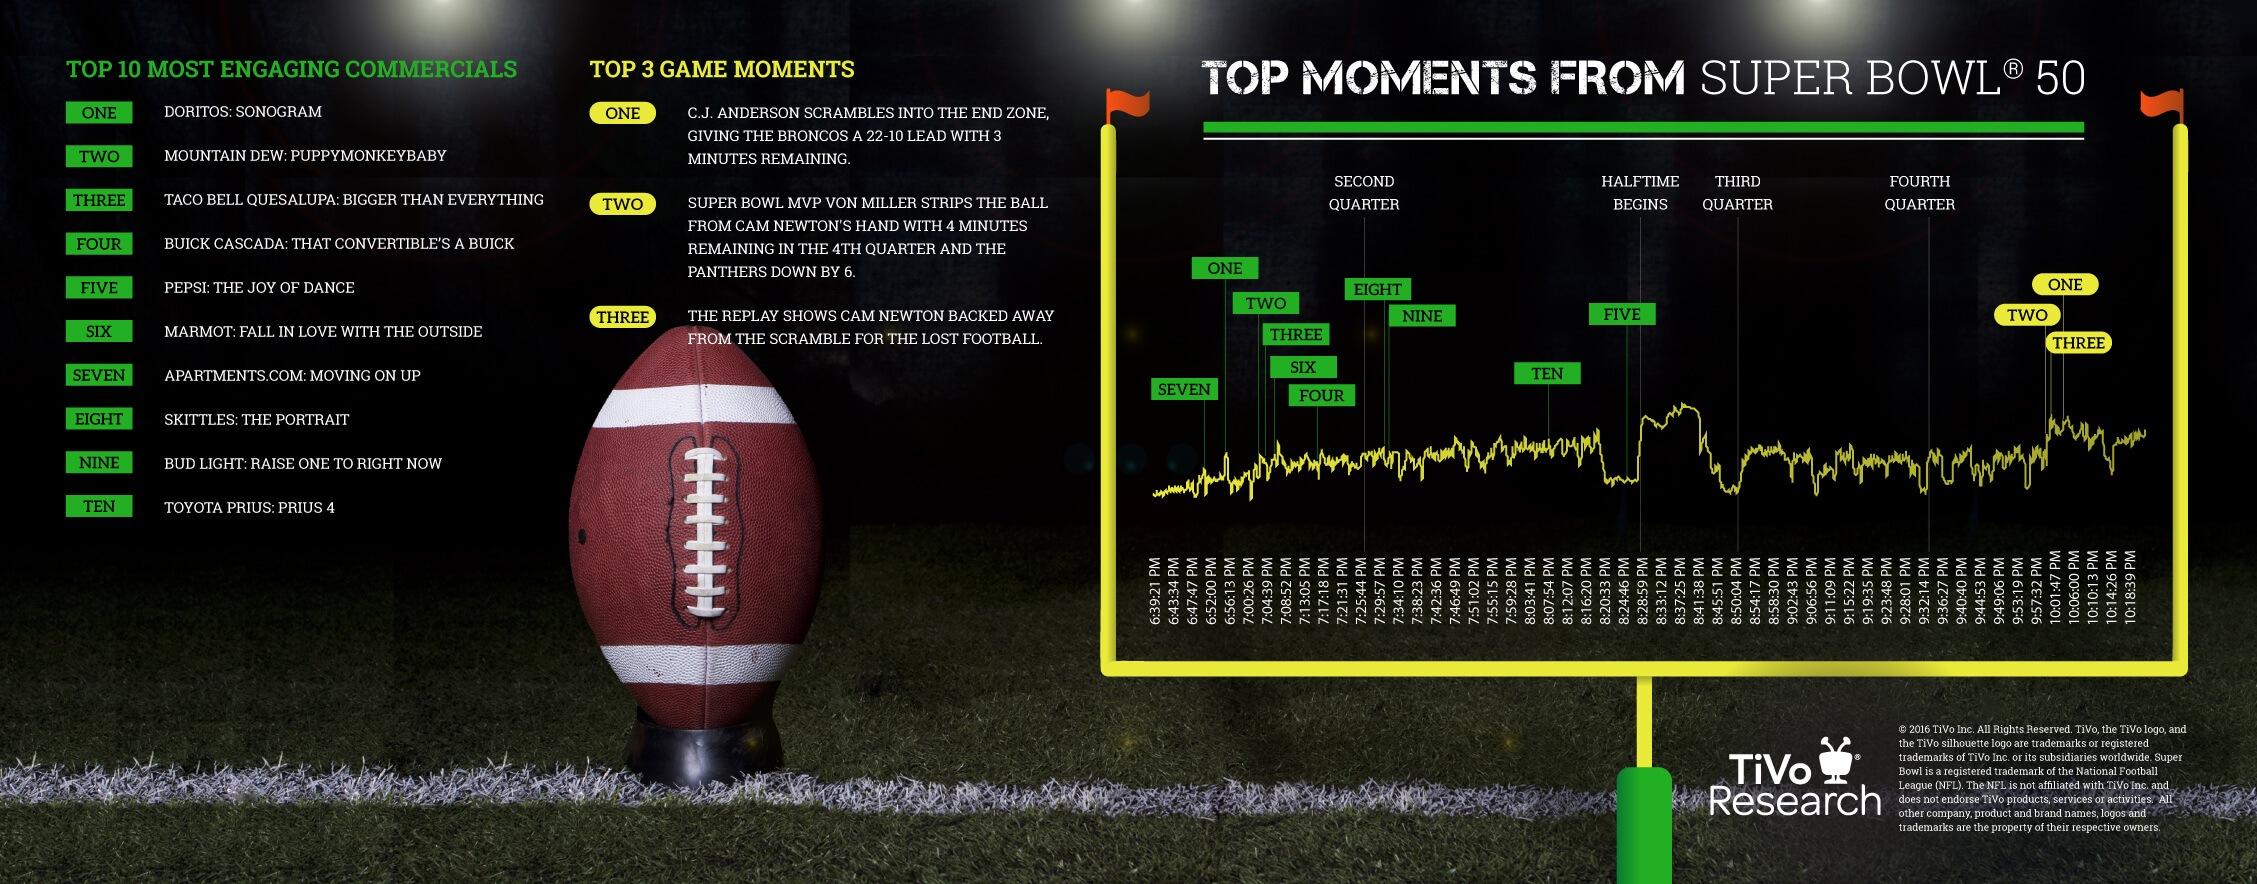 super bowl 50 top moments infograph